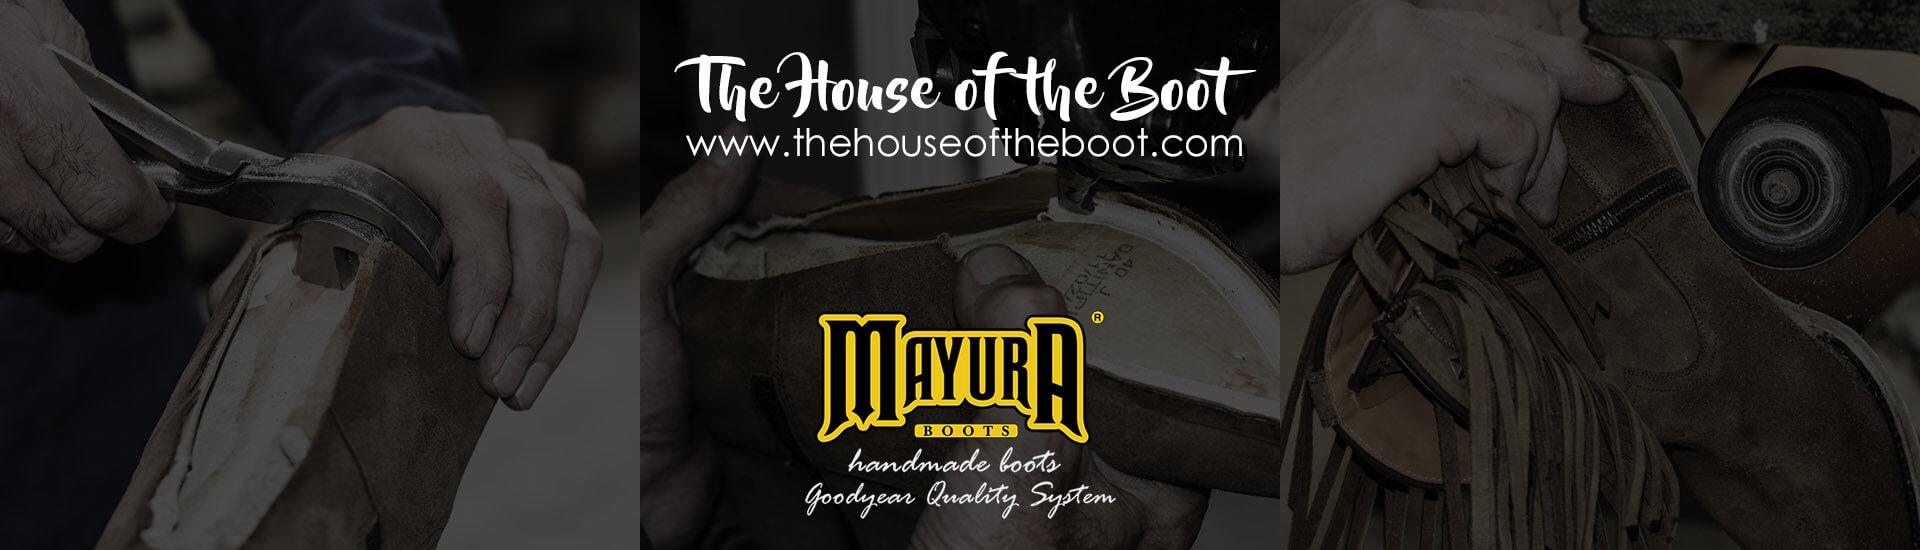 Más de 50 años fabricando botas de cuero hechas a mano y usando el sistema Goodyear.